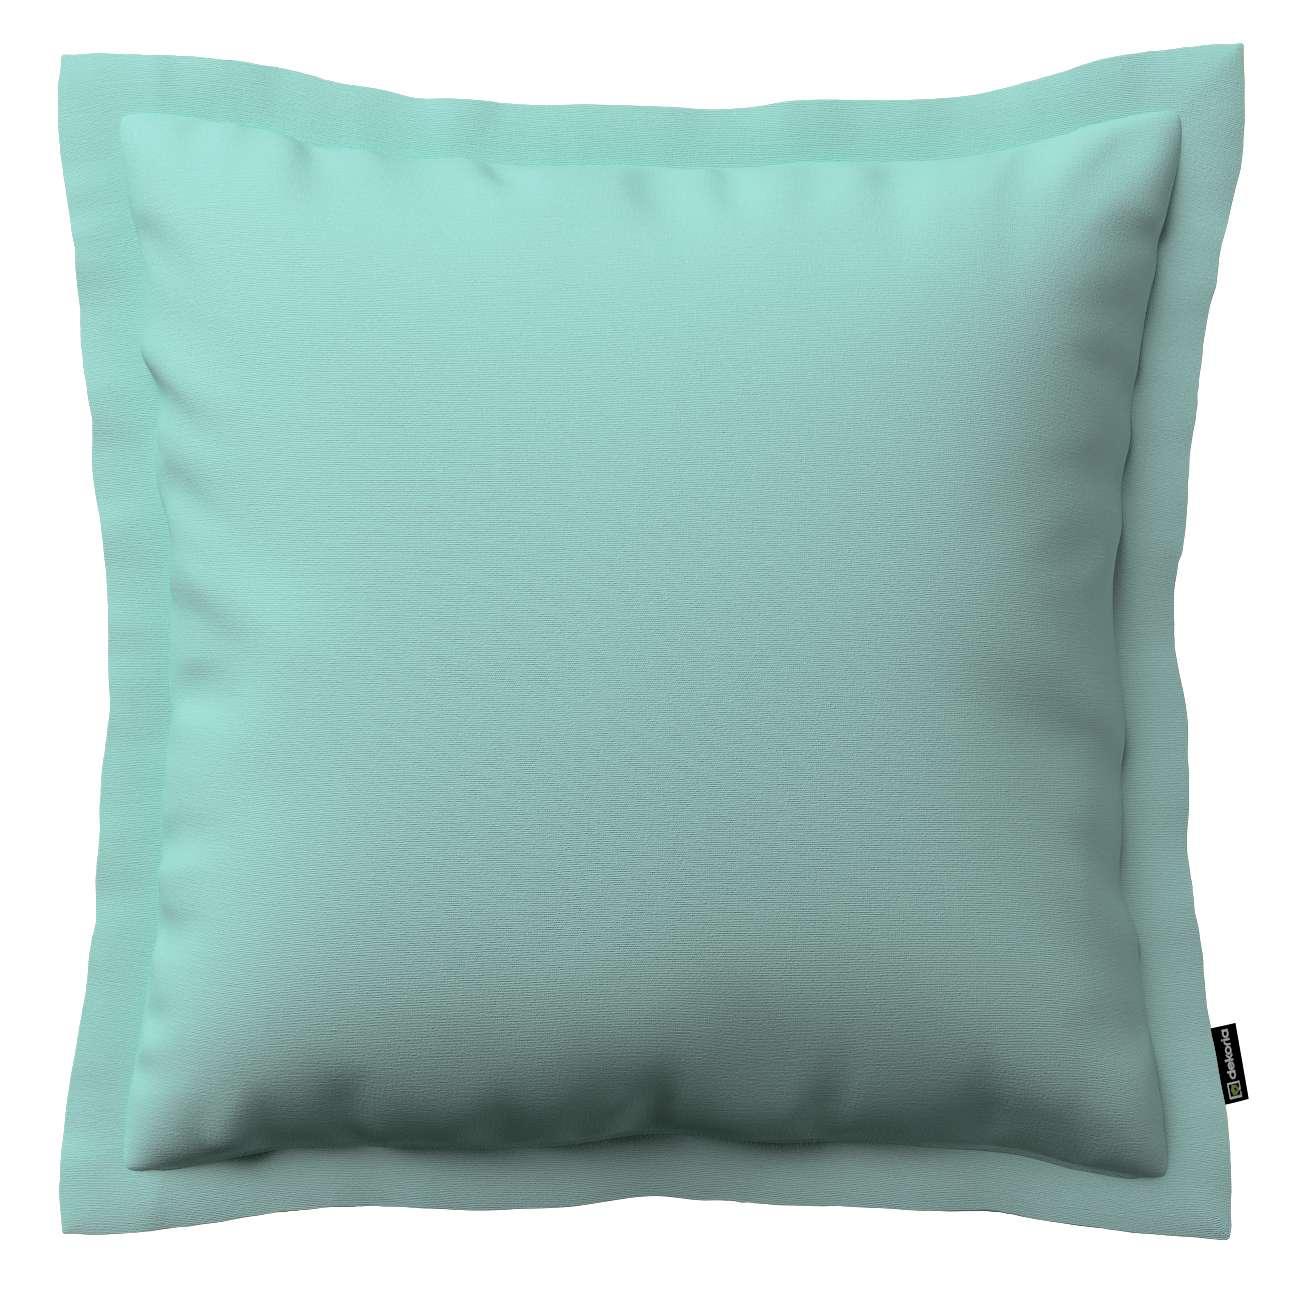 Mona dekoratyvinių pagalvėlių užvalkalas su sienele 45 x 45cm kolekcijoje Loneta , audinys: 133-32